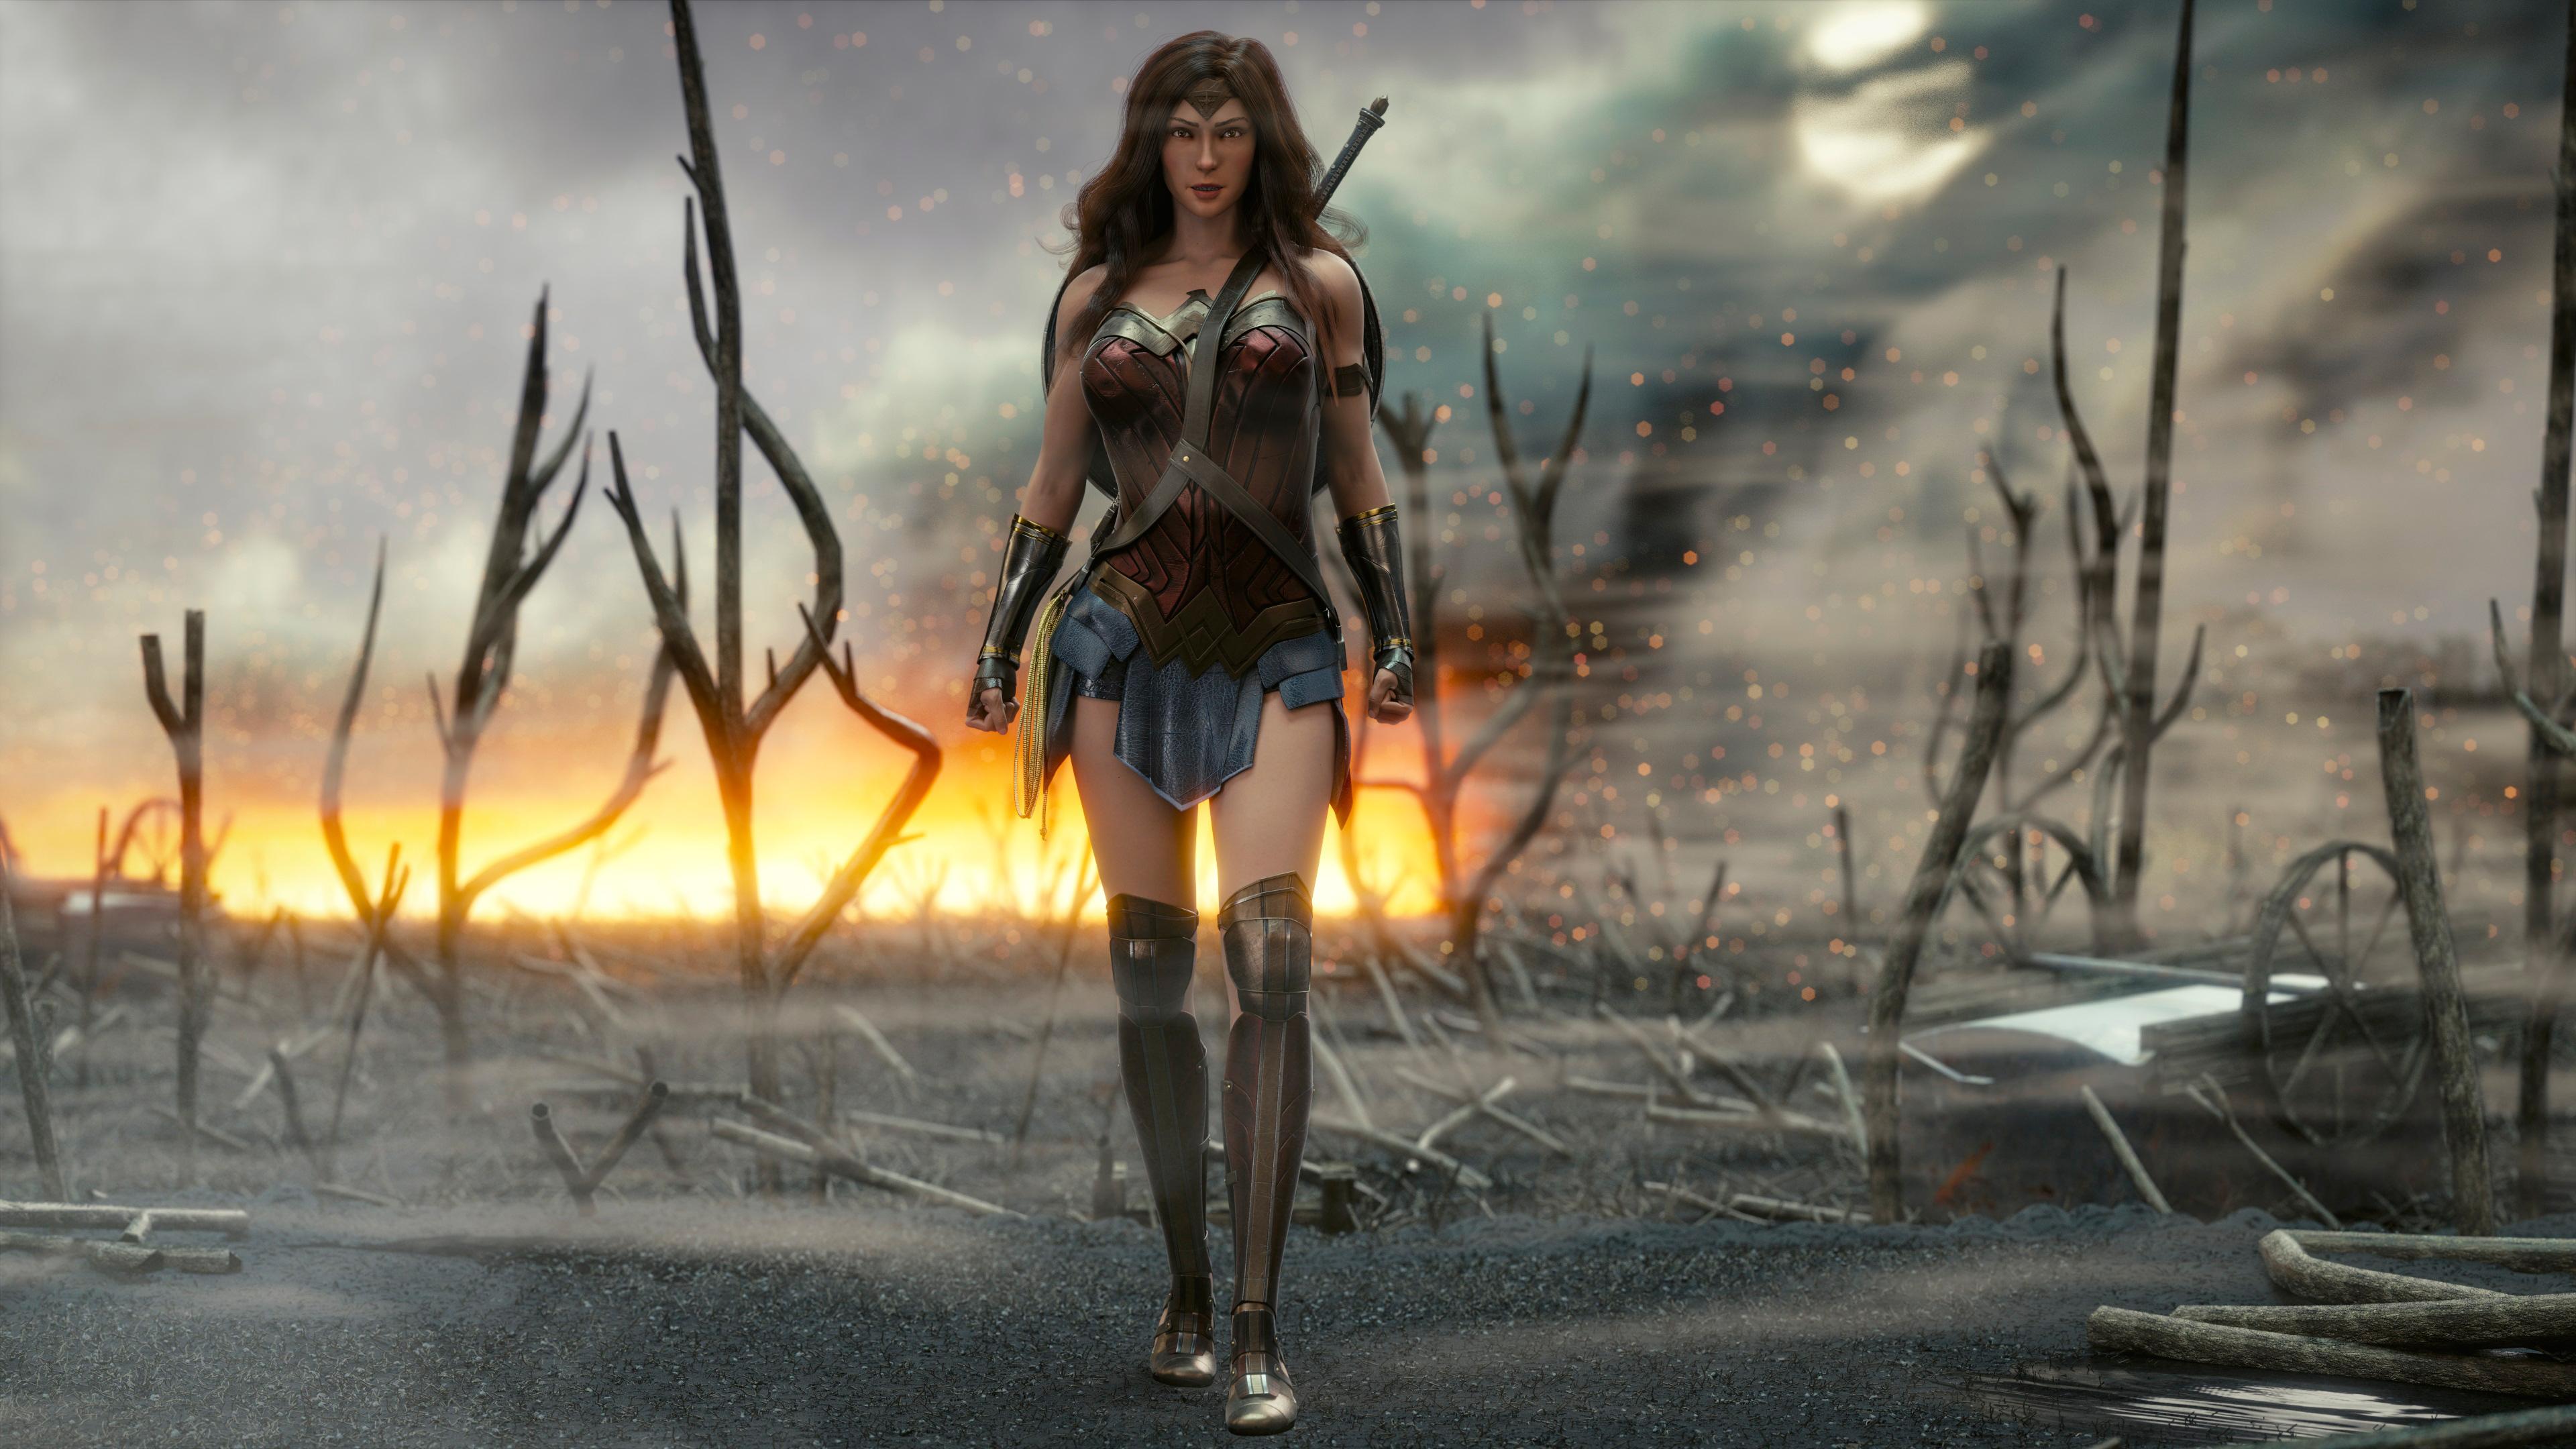 4k new wonder woman 1553071917 - 4k New Wonder Woman - wonder woman wallpapers, superheroes wallpapers, hd-wallpapers, deviantart wallpapers, artwork wallpapers, artist wallpapers, 4k-wallpapers